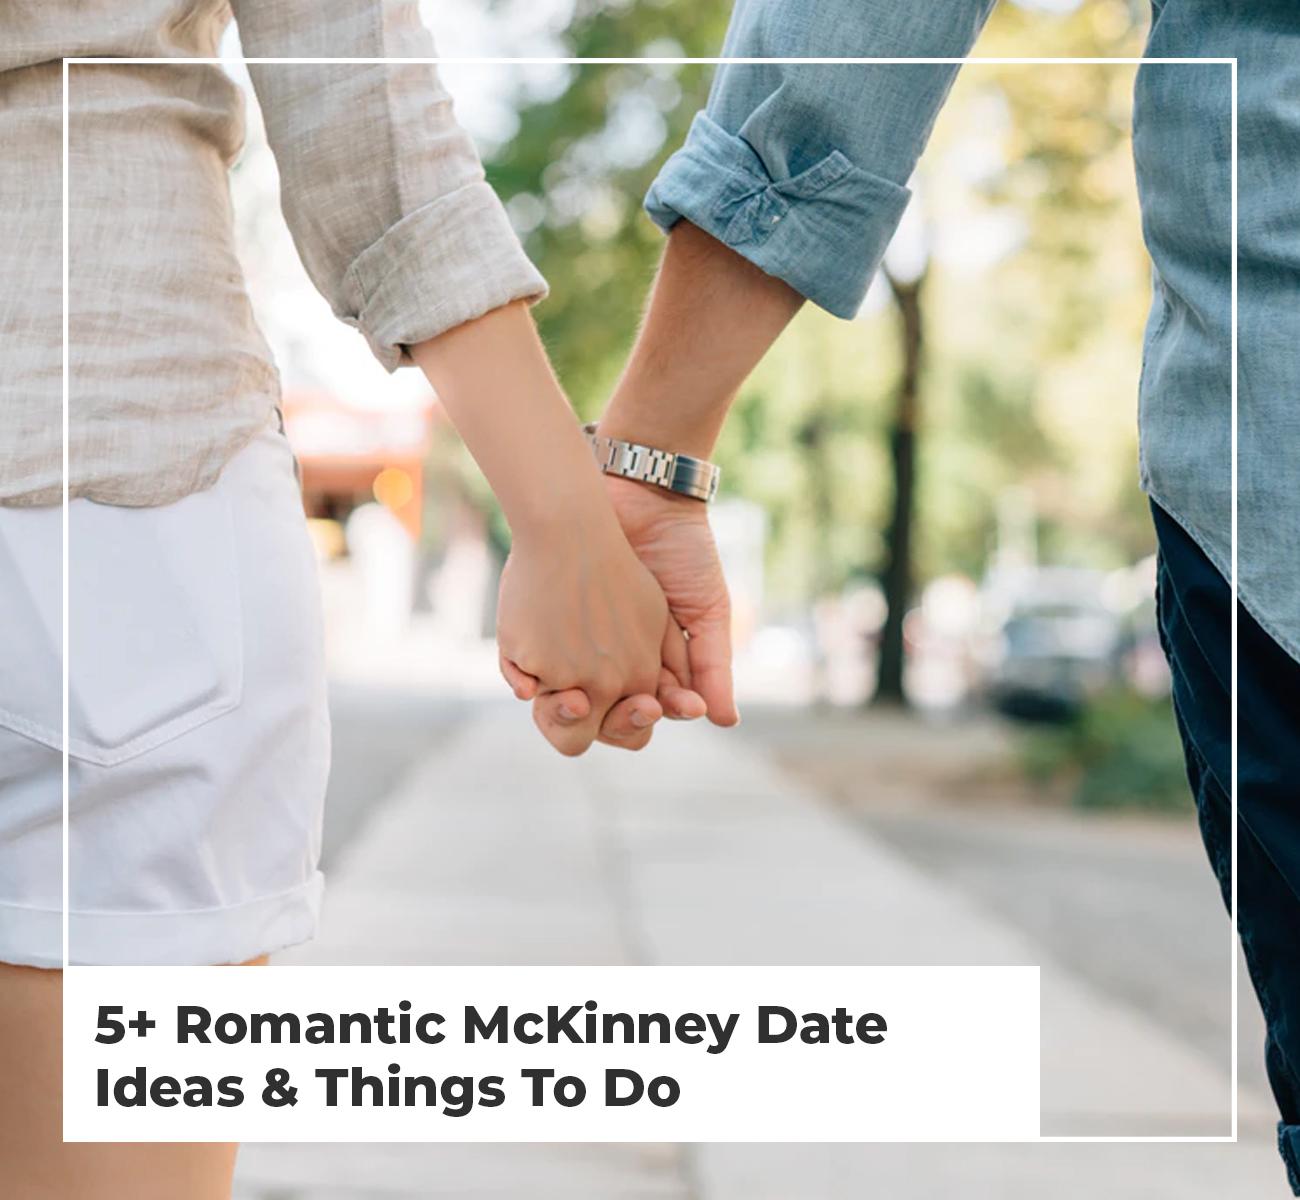 Date Ideas Around McKinney TX